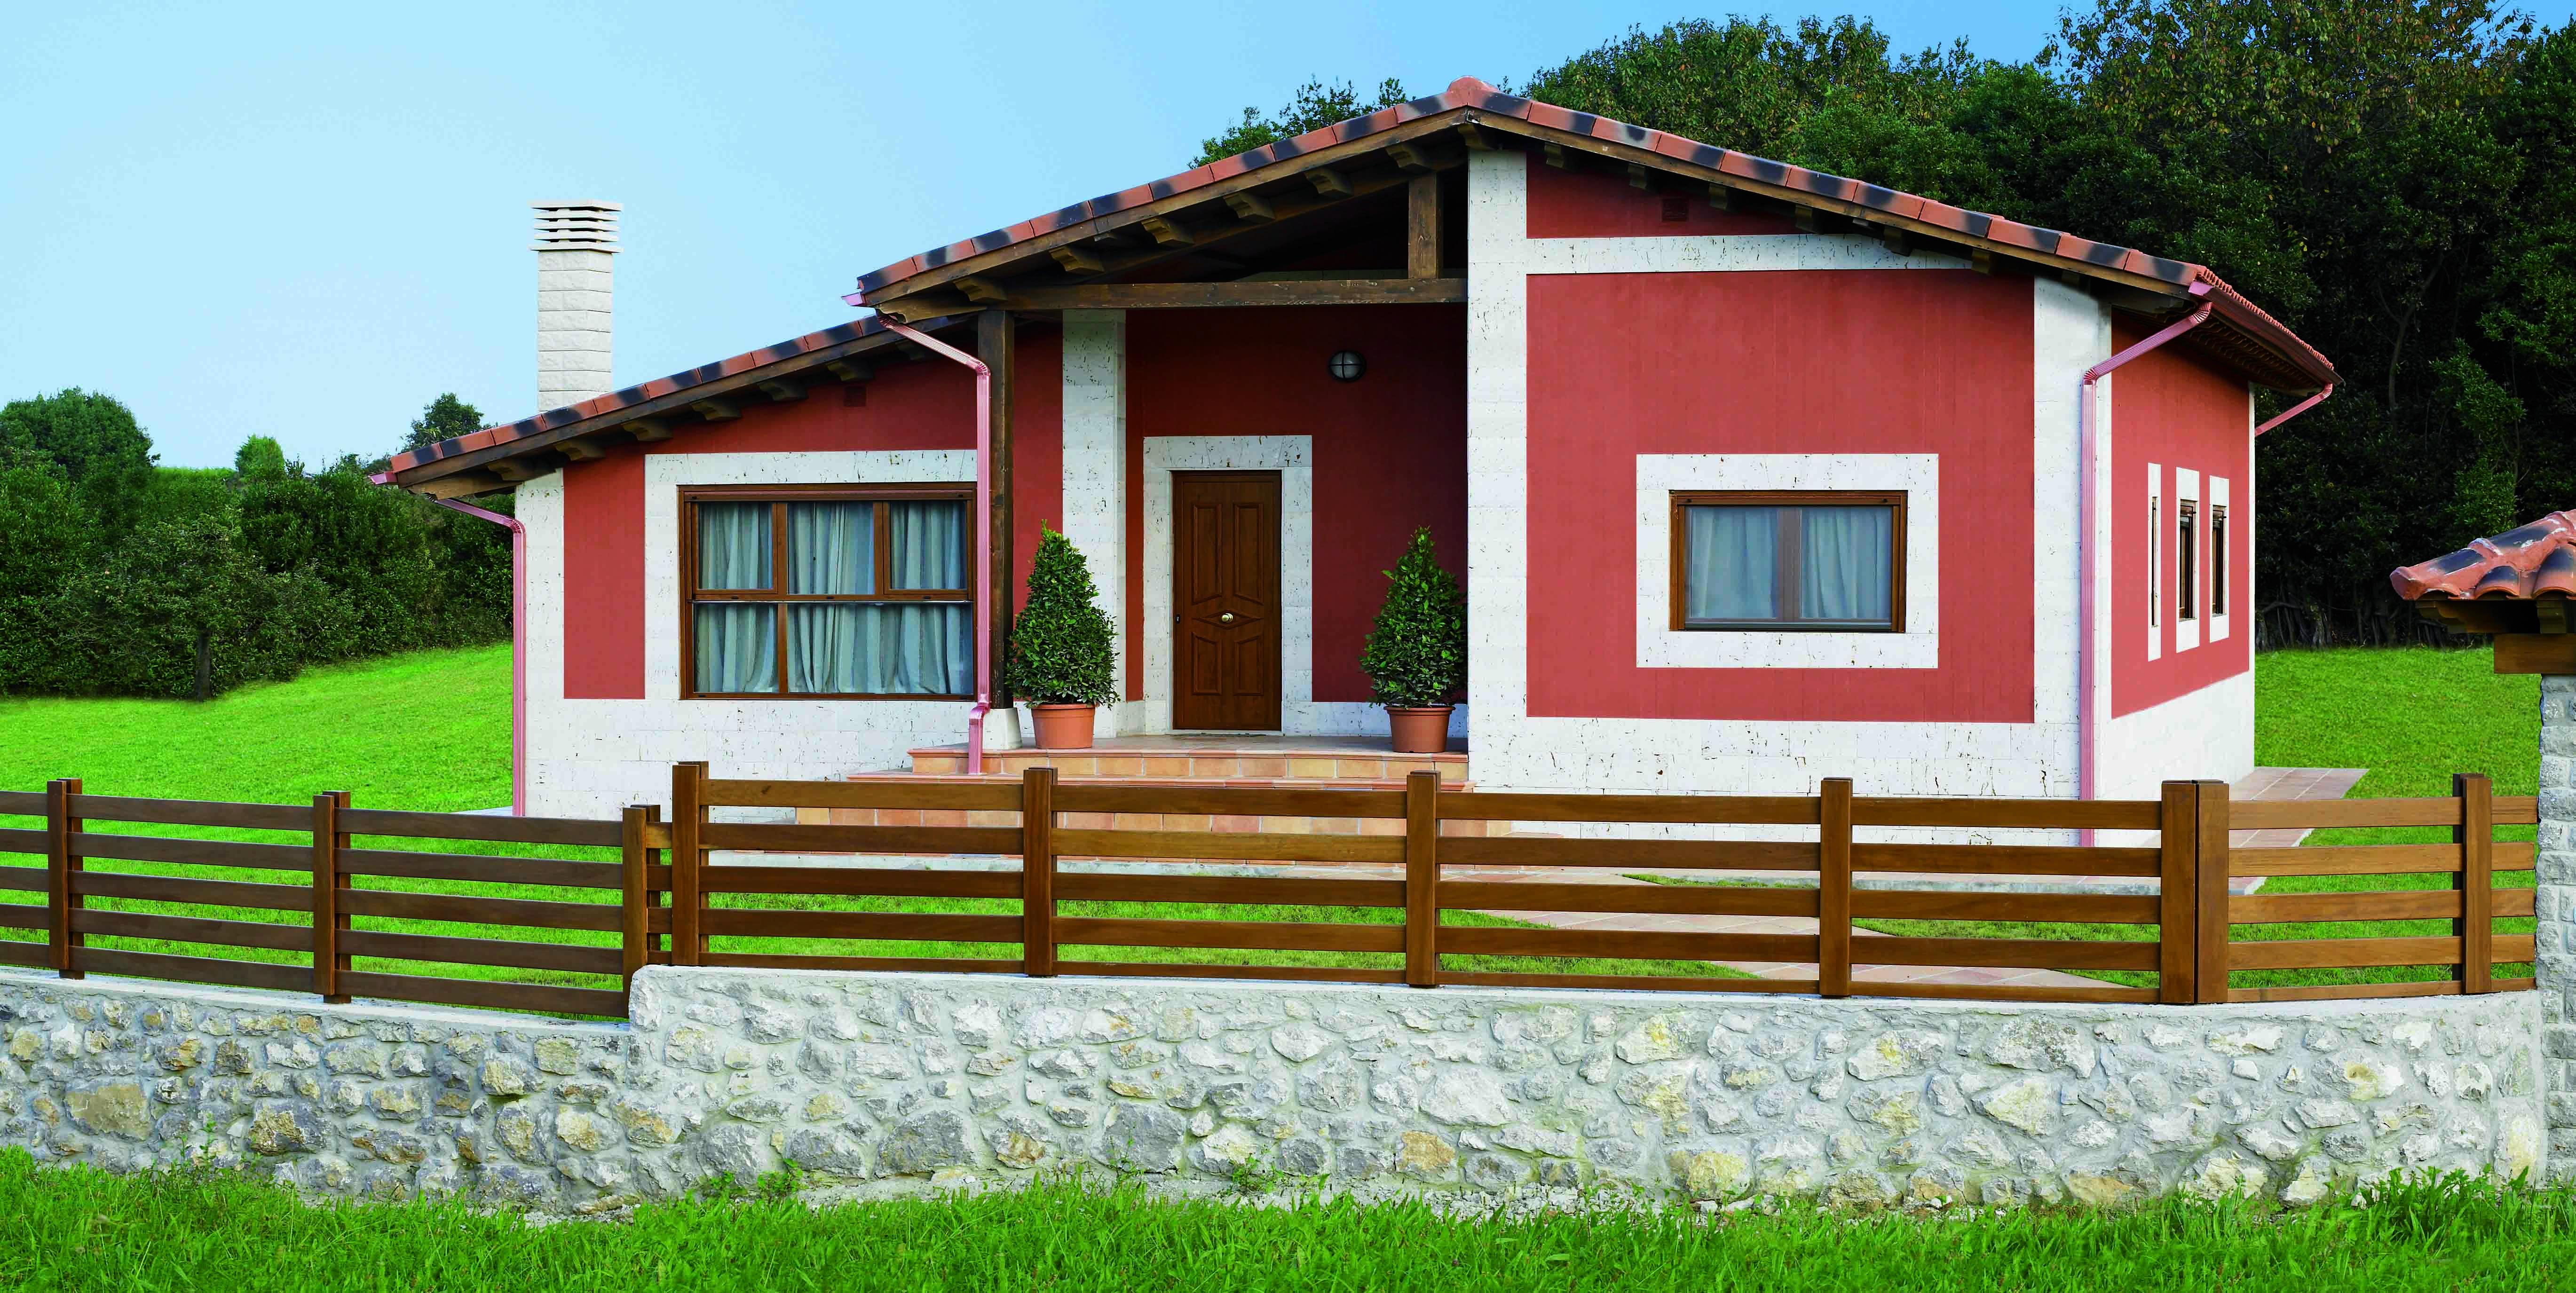 Lo que tienes que saber para construir tu casa prefabricada eurocasa - Casas prefabricadas eurocasa ...